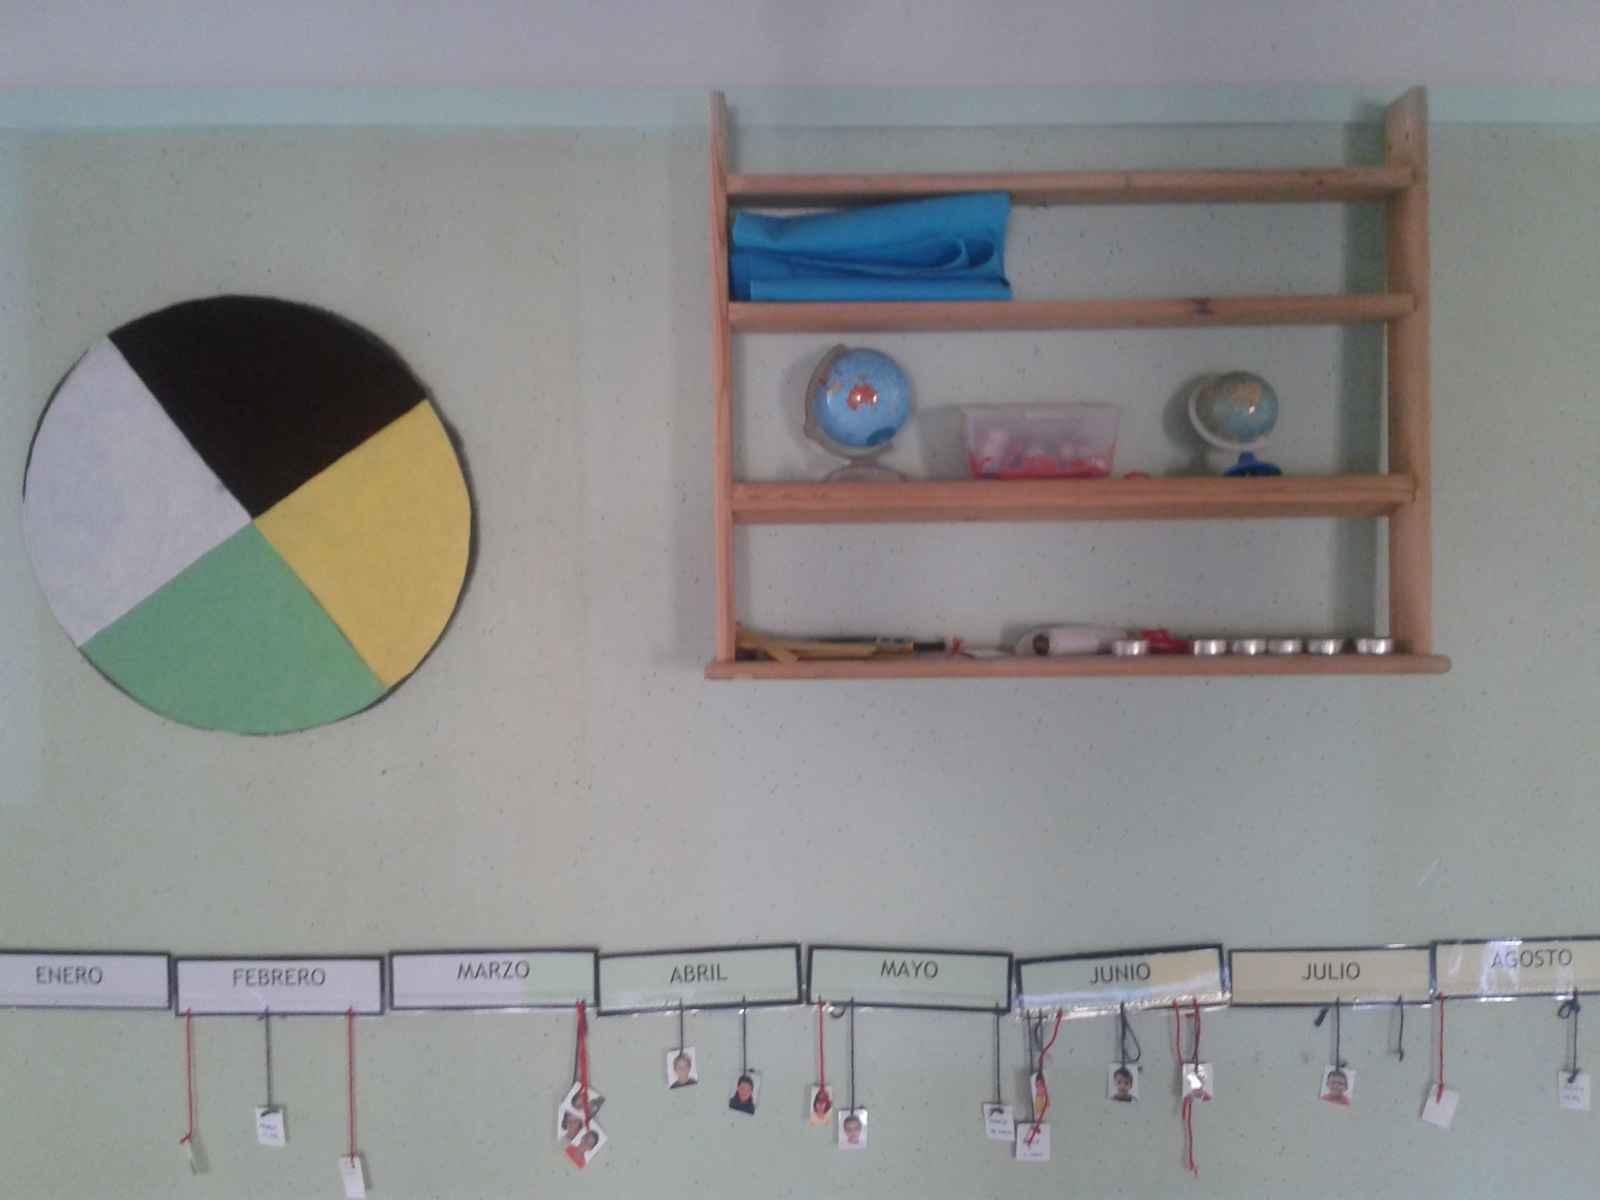 Montessori Baolo 2013-05-29 10.15.43